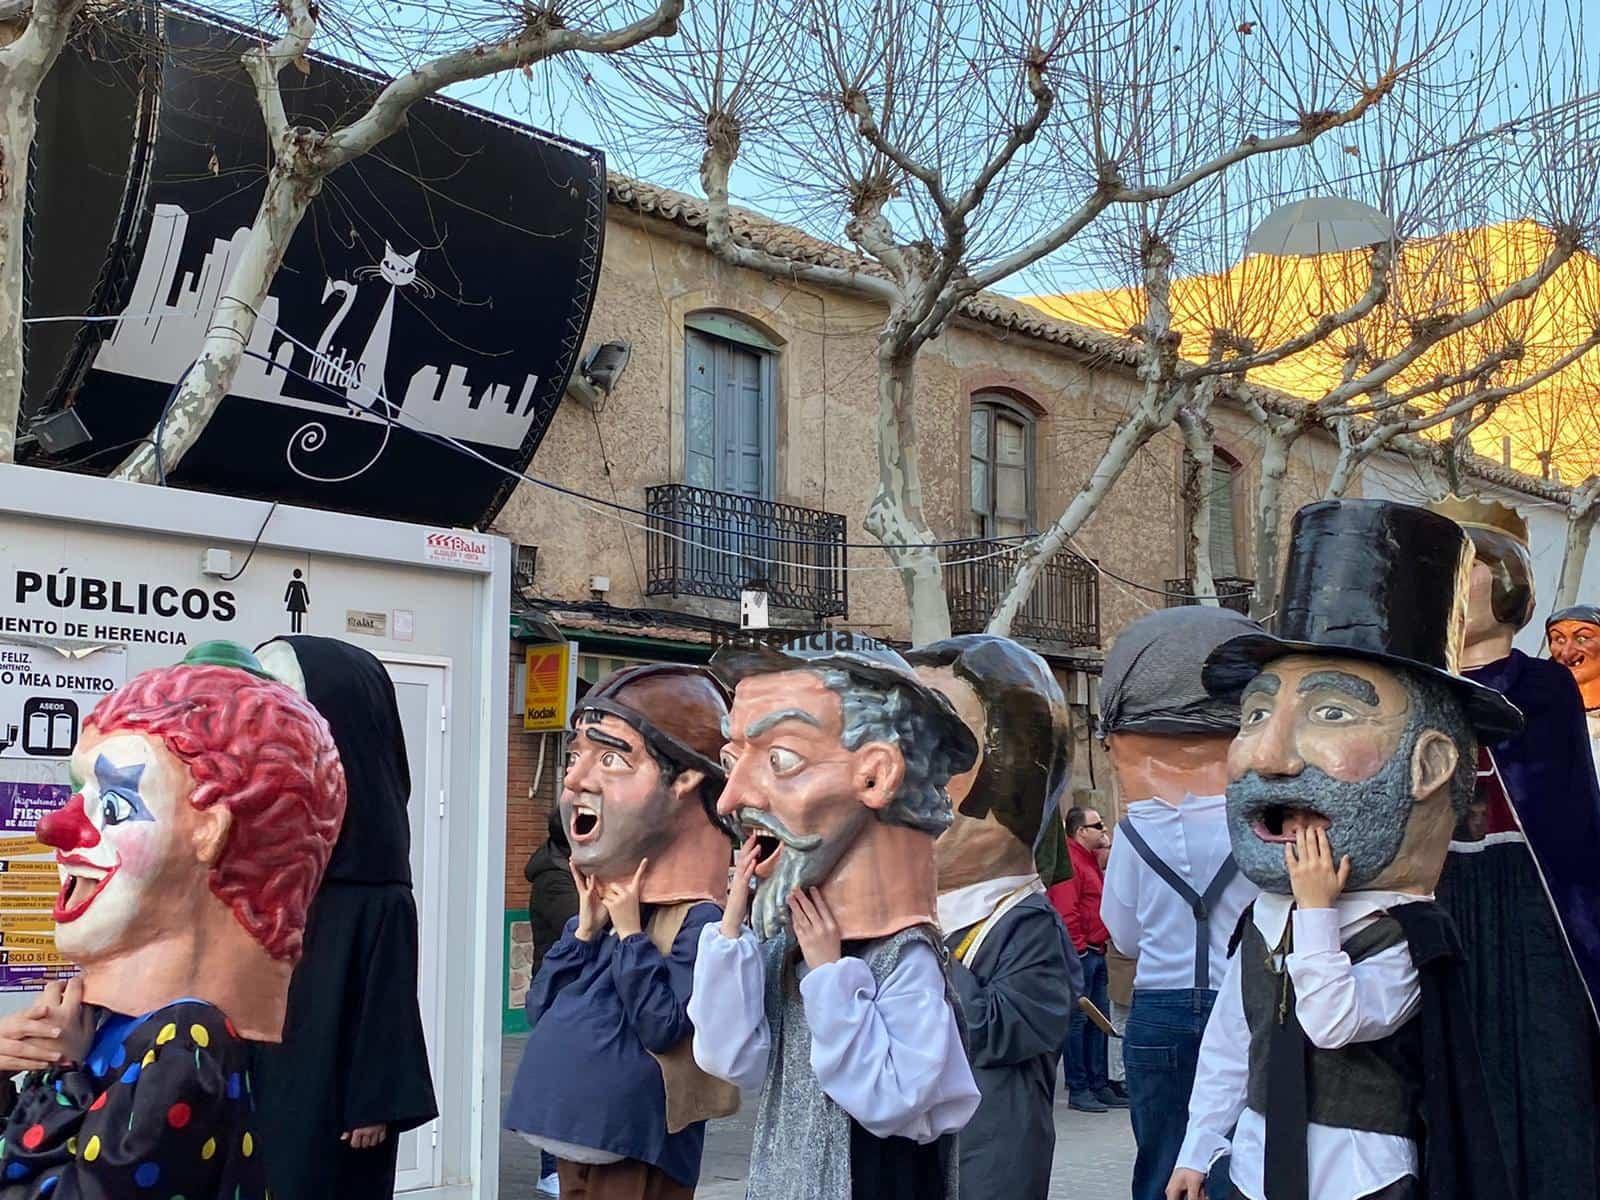 Carnaval herencia 2020 pasacalles domingo deseosas 43 - El Domingo de las Deseosas invita a todo el mundo al Carnaval de Herencia